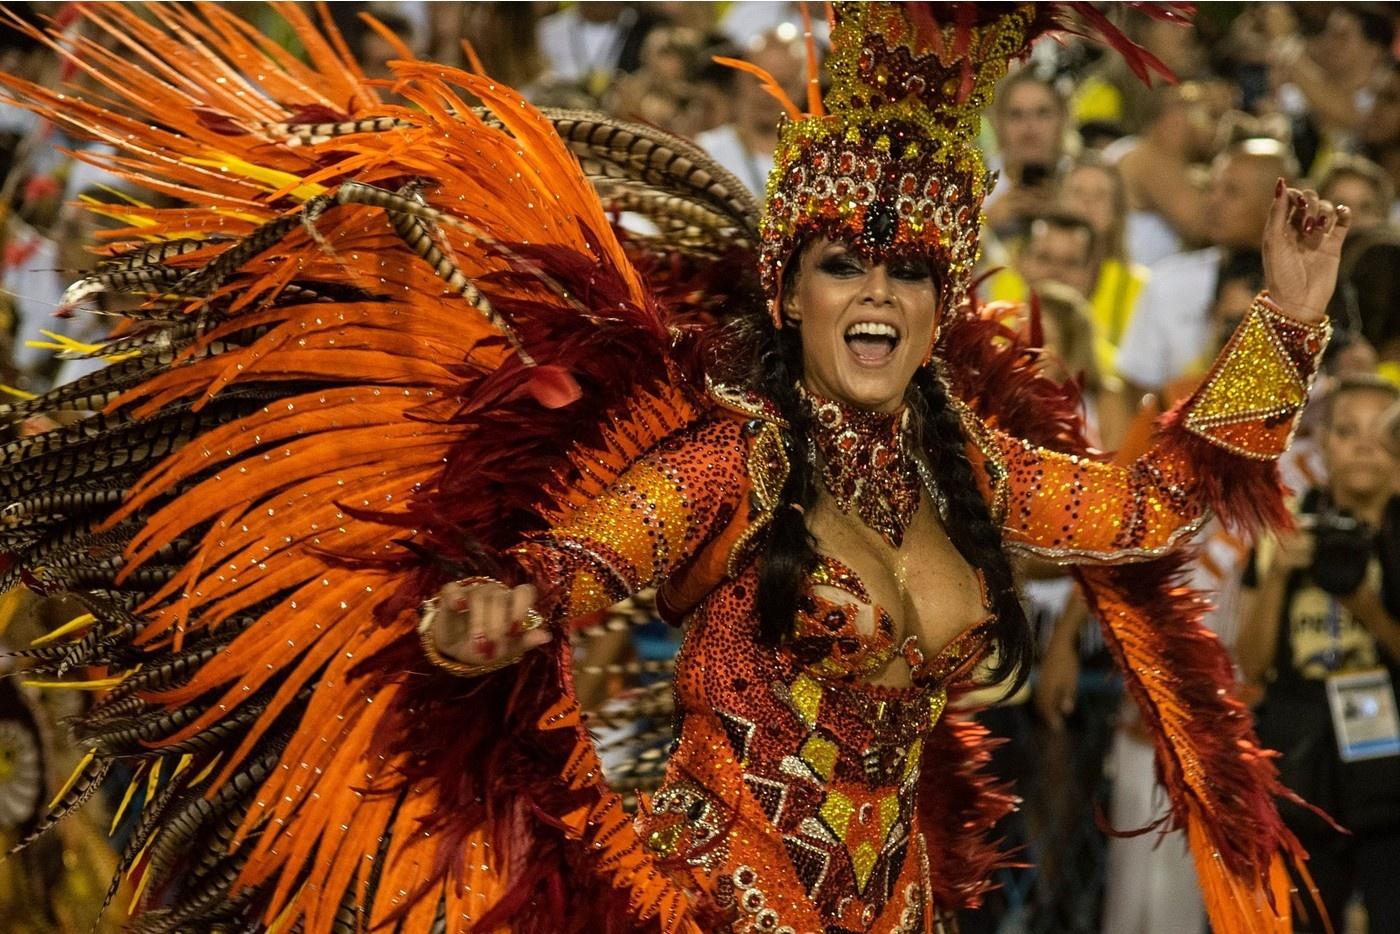 кто широкоформатные фото с бразильского карнавала менее, еще